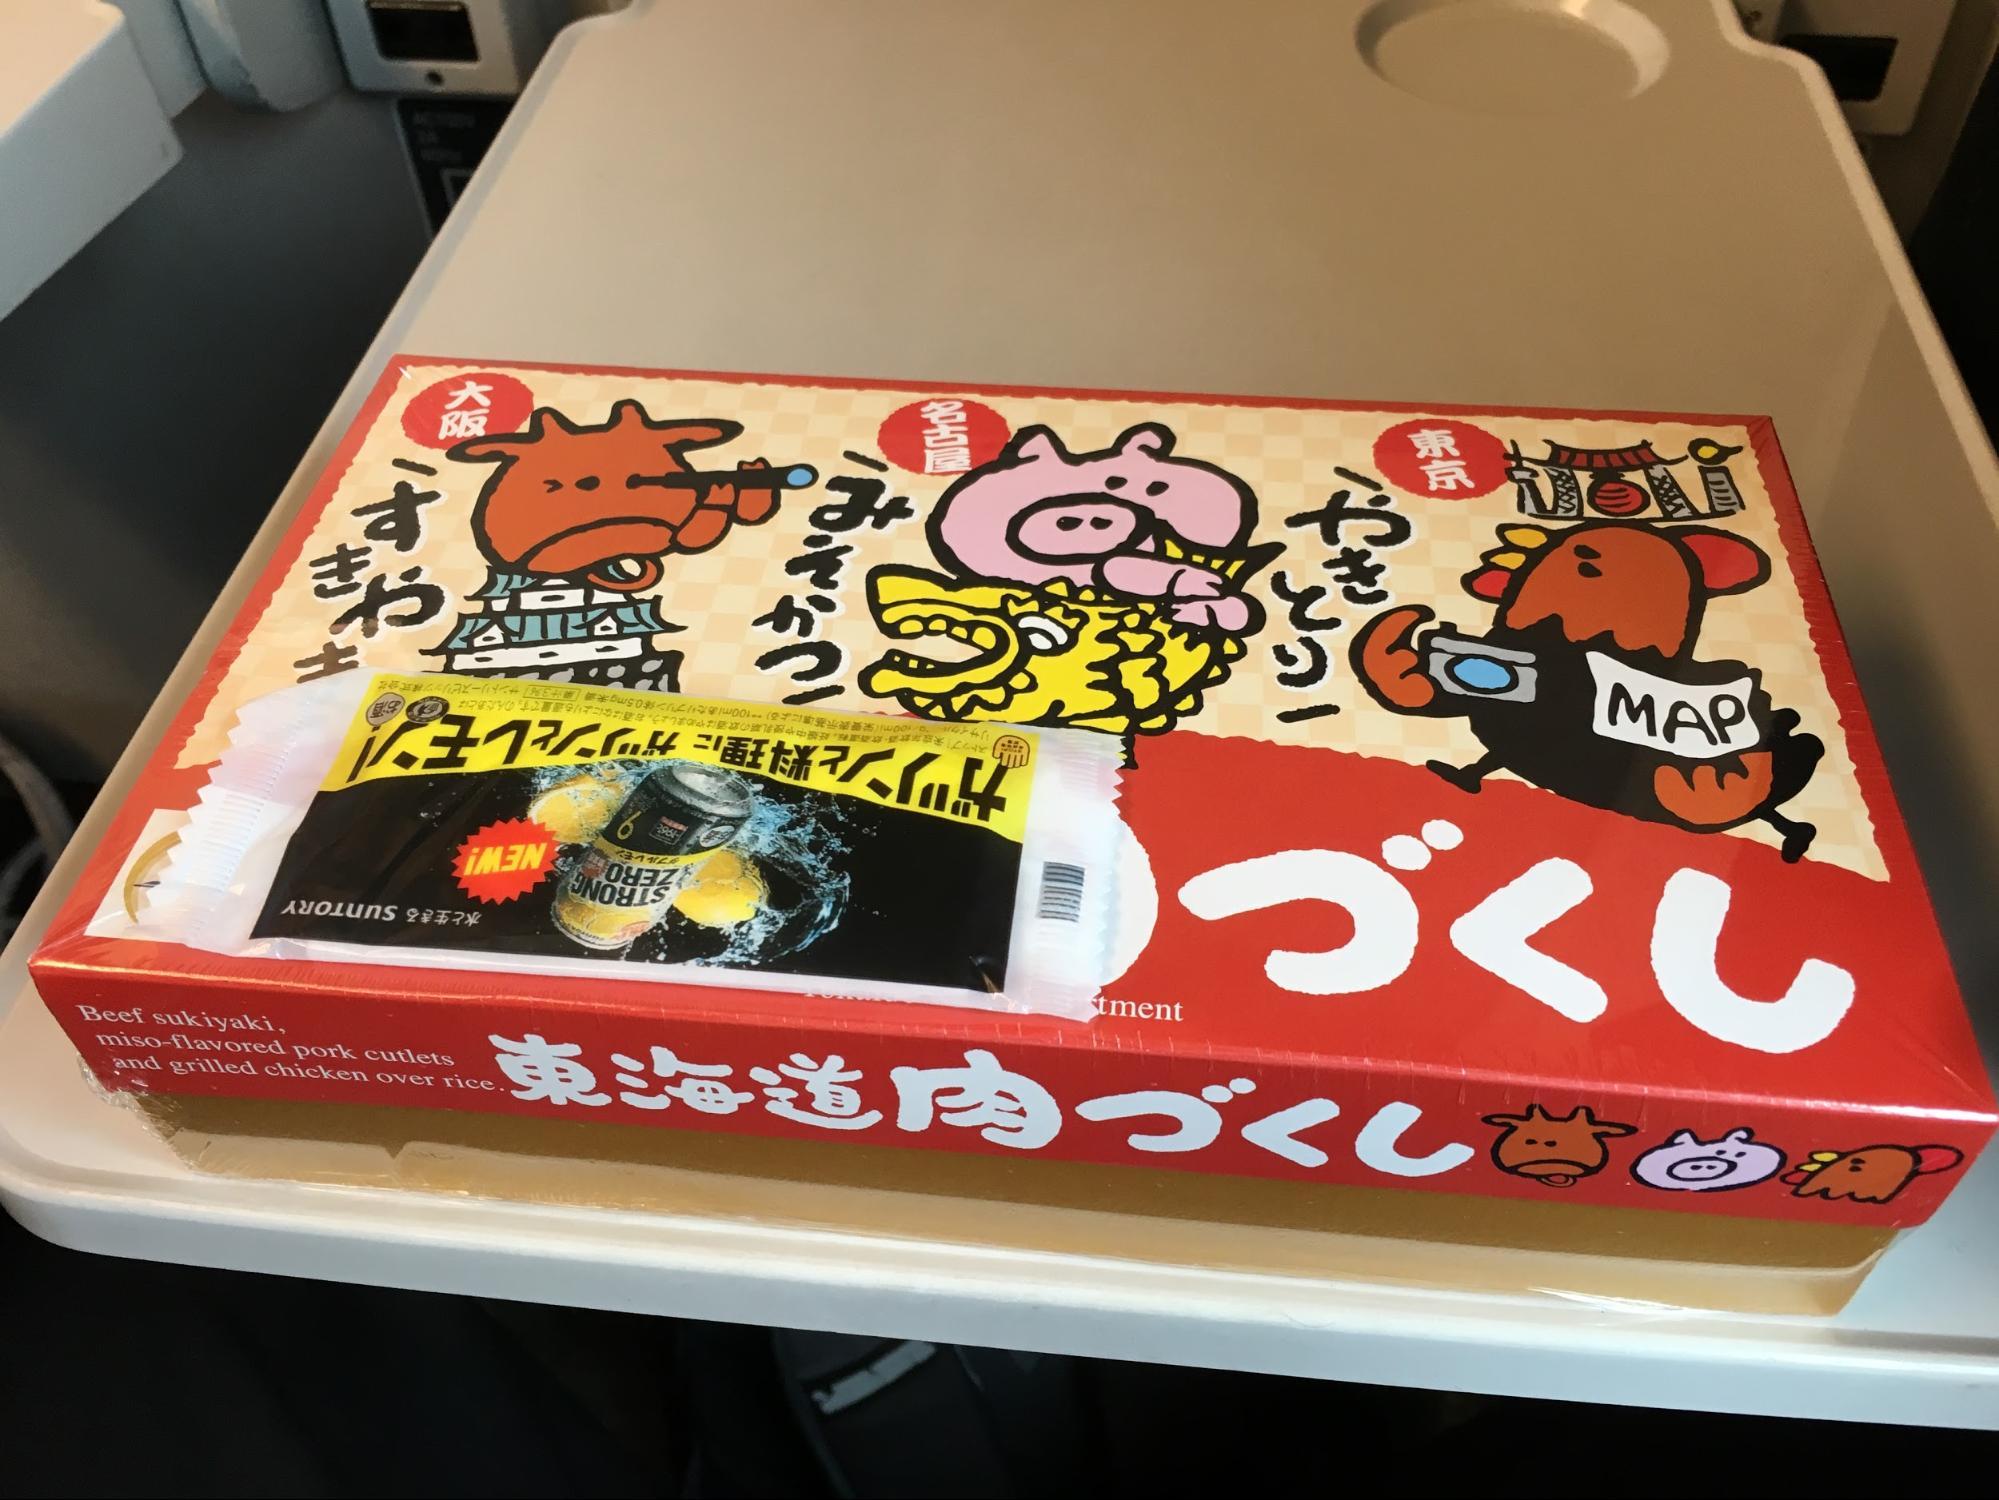 新幹線的新大阪站販售的便當,有三種肉類,畫得很可愛,但等下要被吃掉(嗚對不起)。